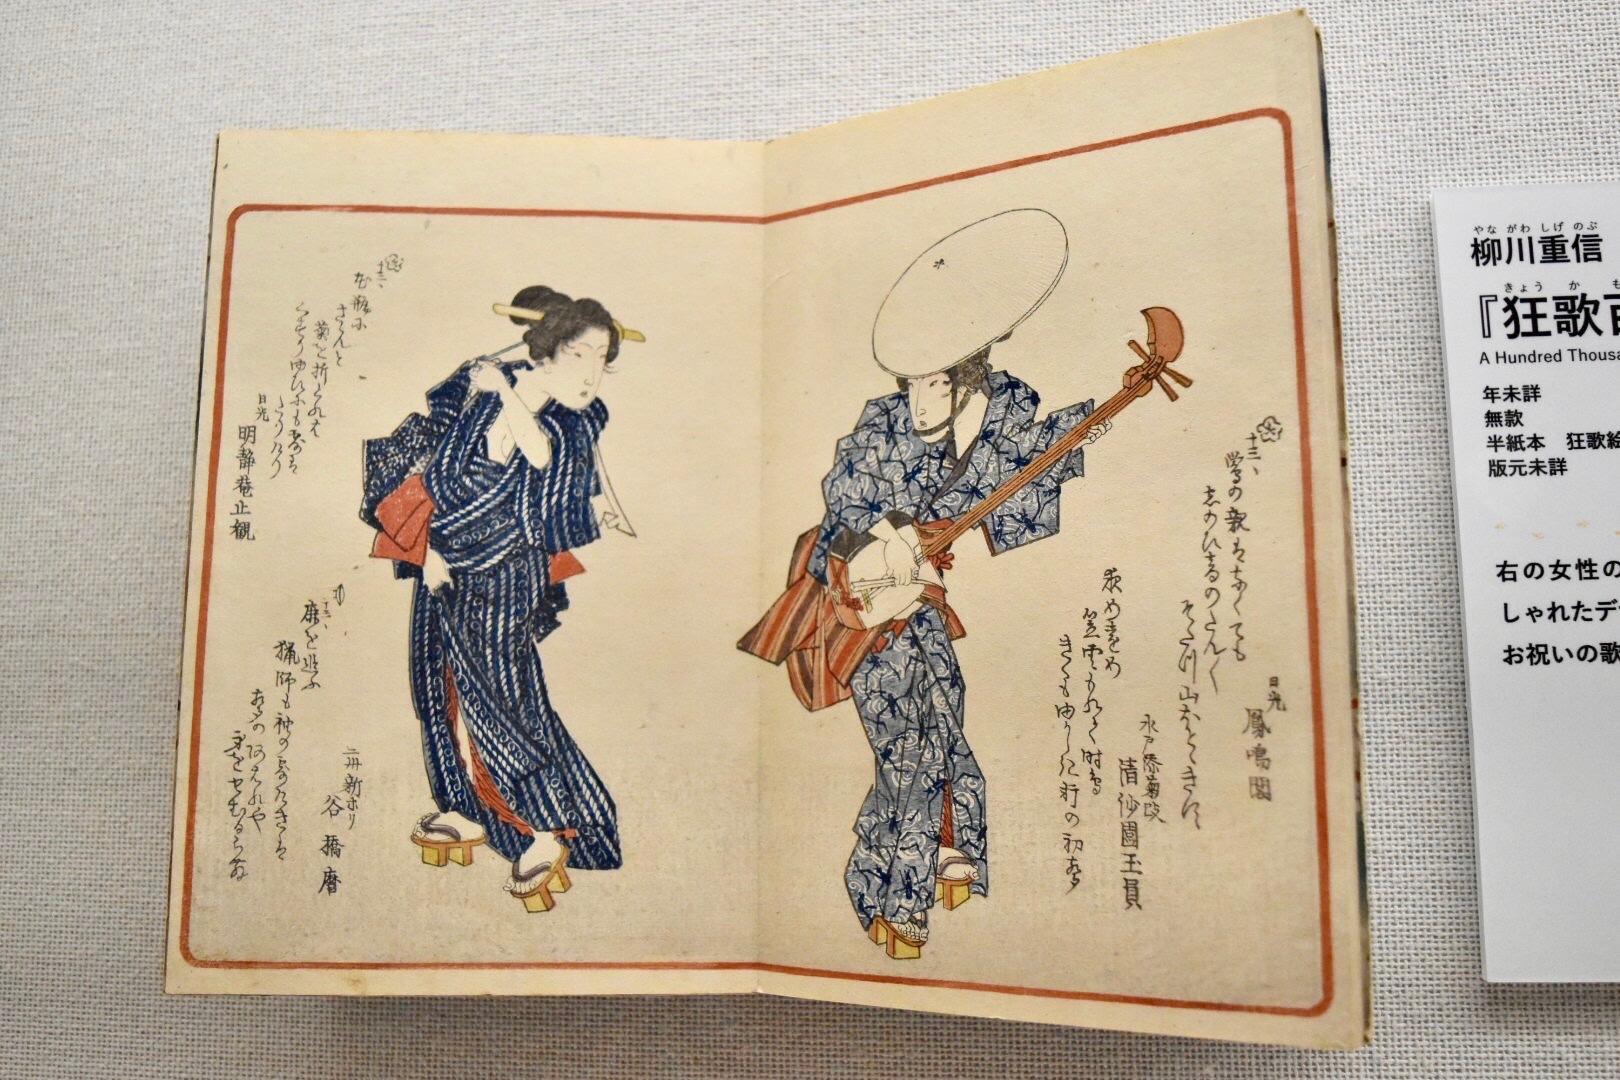 柳川重信 『狂歌百千鳥』上 年未詳 すみだ北斎美術館所蔵